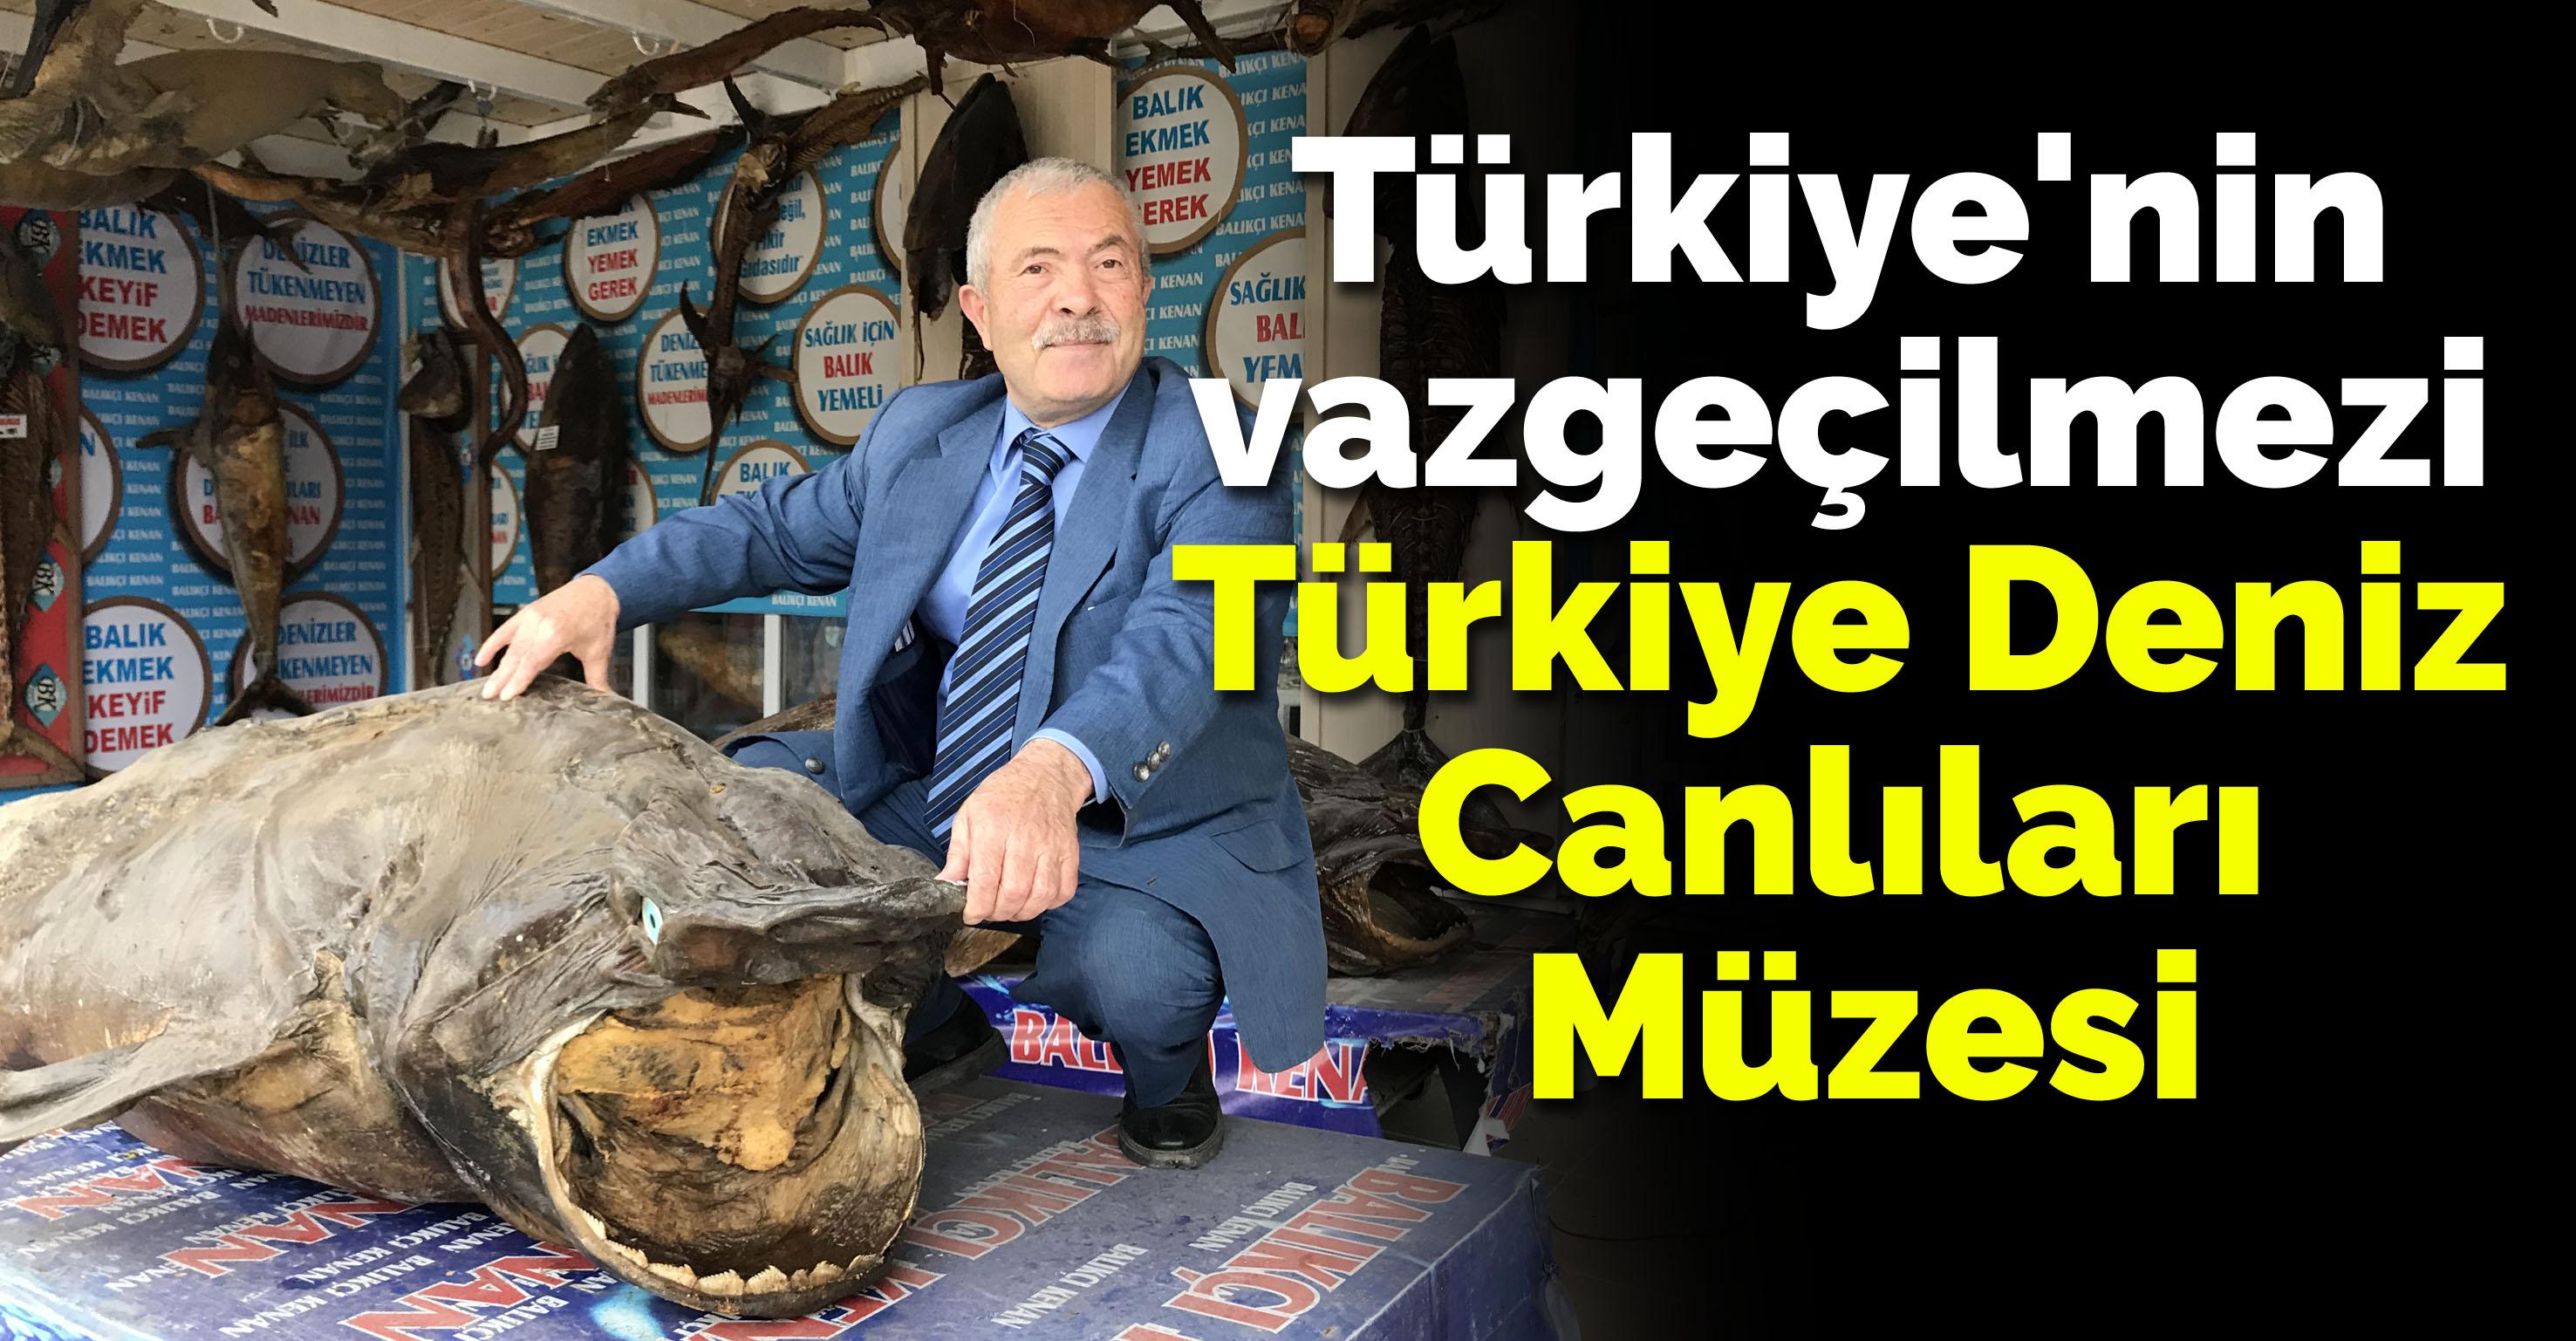 Türkiye'nin vazgeçilmezi Türkiye Deniz Canlıları Müzesi